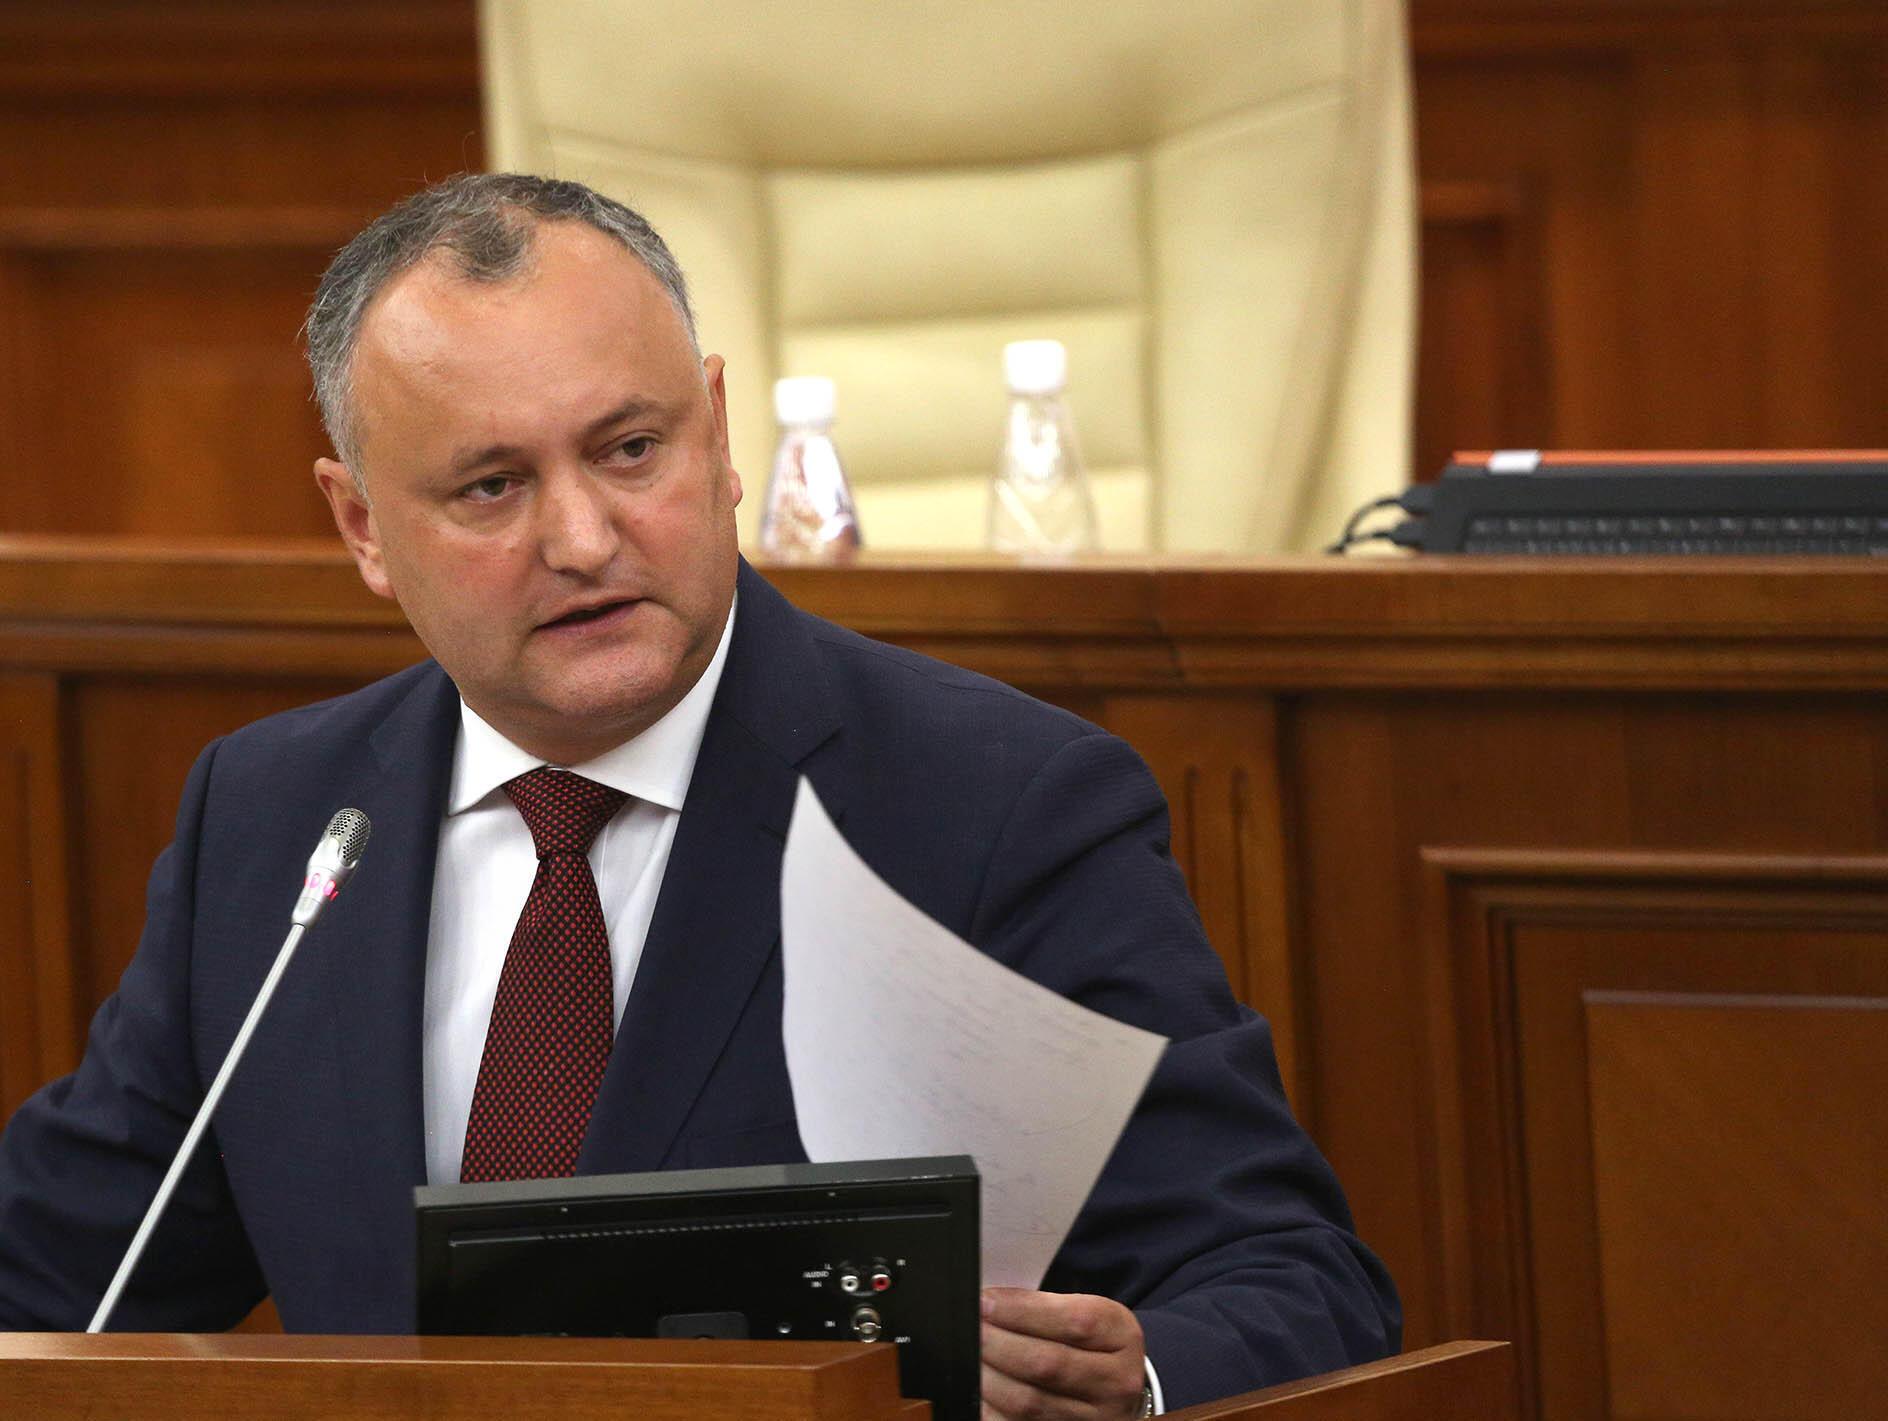 Согласно опросу Института общественных политик, в предвыборной гонке с большим отрывом продолжает лидировать кандидат от партии социалистов Игорь Додон.